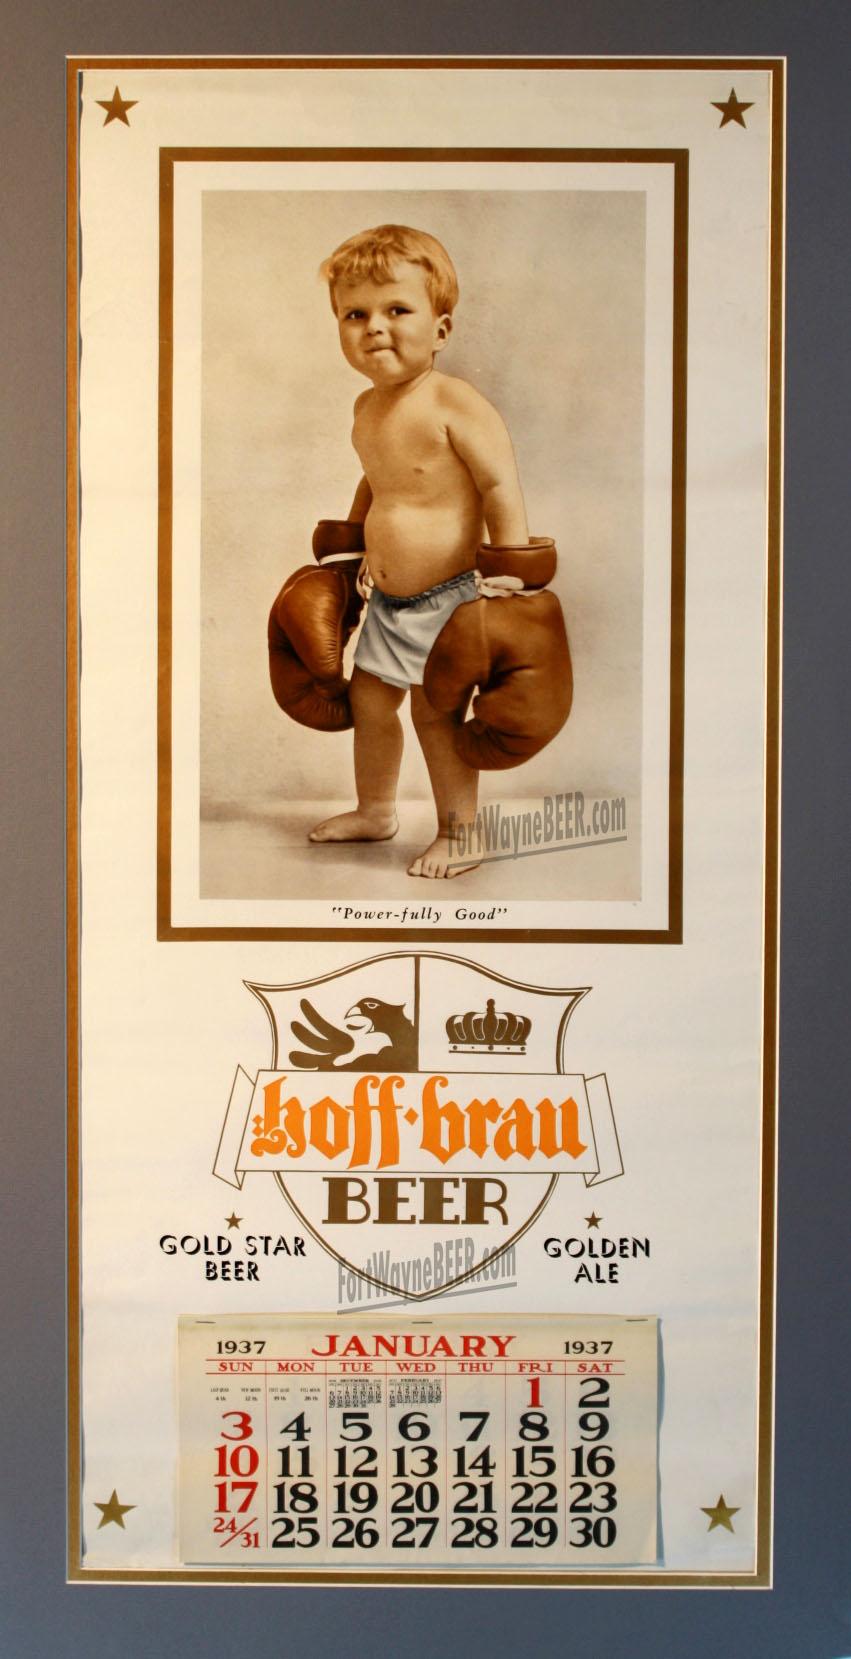 Hoff-Brau Beer Sign10 copy.jpg